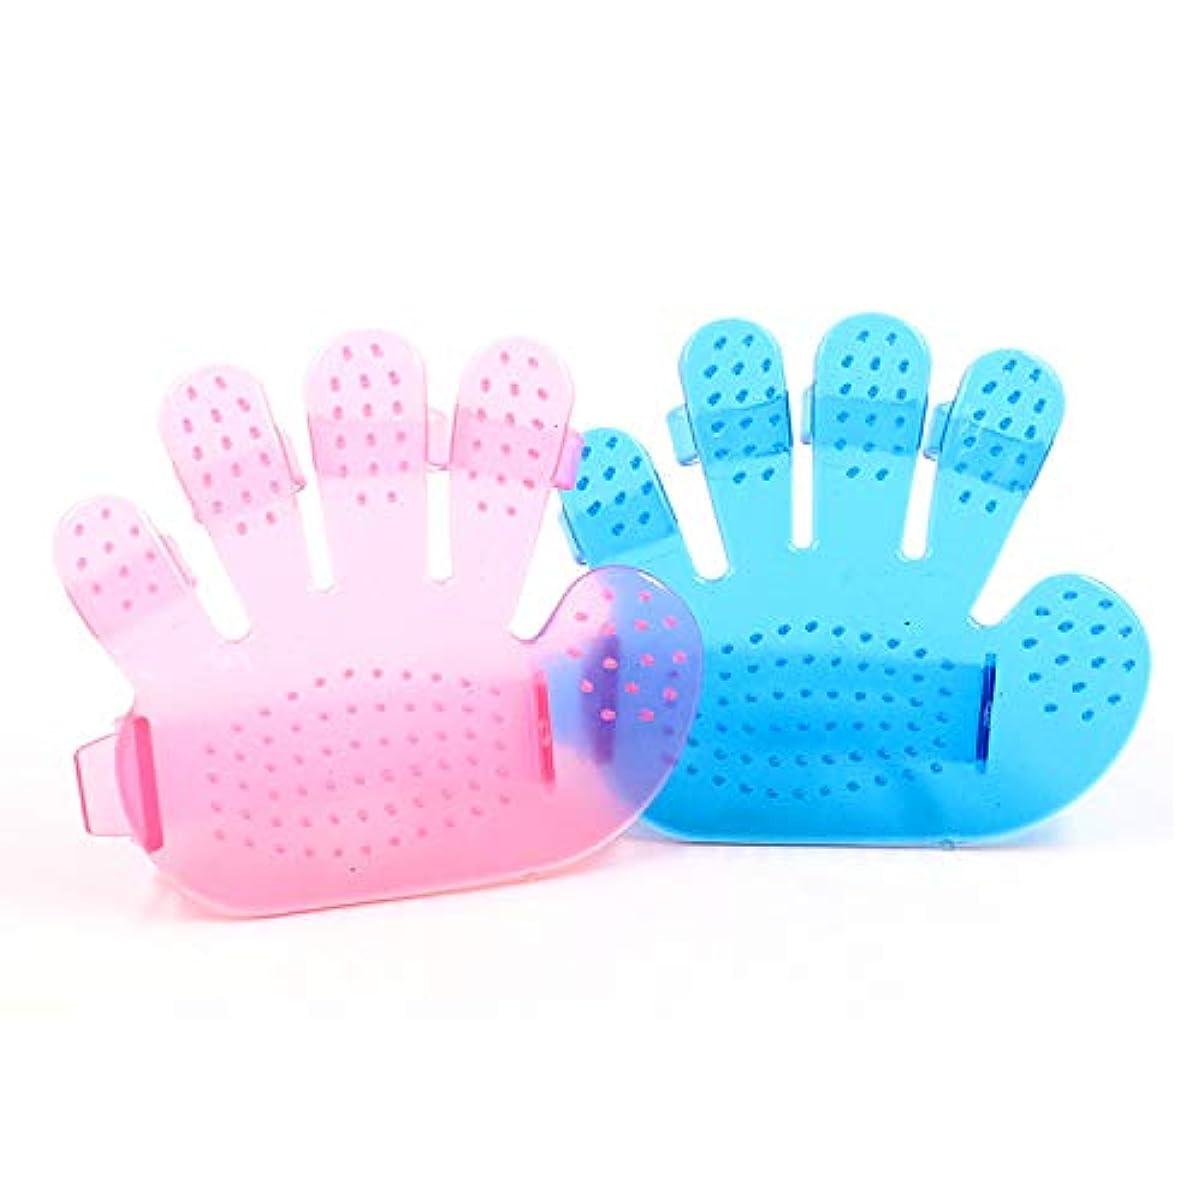 助言するぺディカブふざけたBTXXYJP ペット ブラシ 手袋 猫 ブラシ グローブ クリーナー 耐摩耗 抜け毛取り マッサージブラシ 犬 グローブ 10個 (Color : Pink, Size : M-Ten)